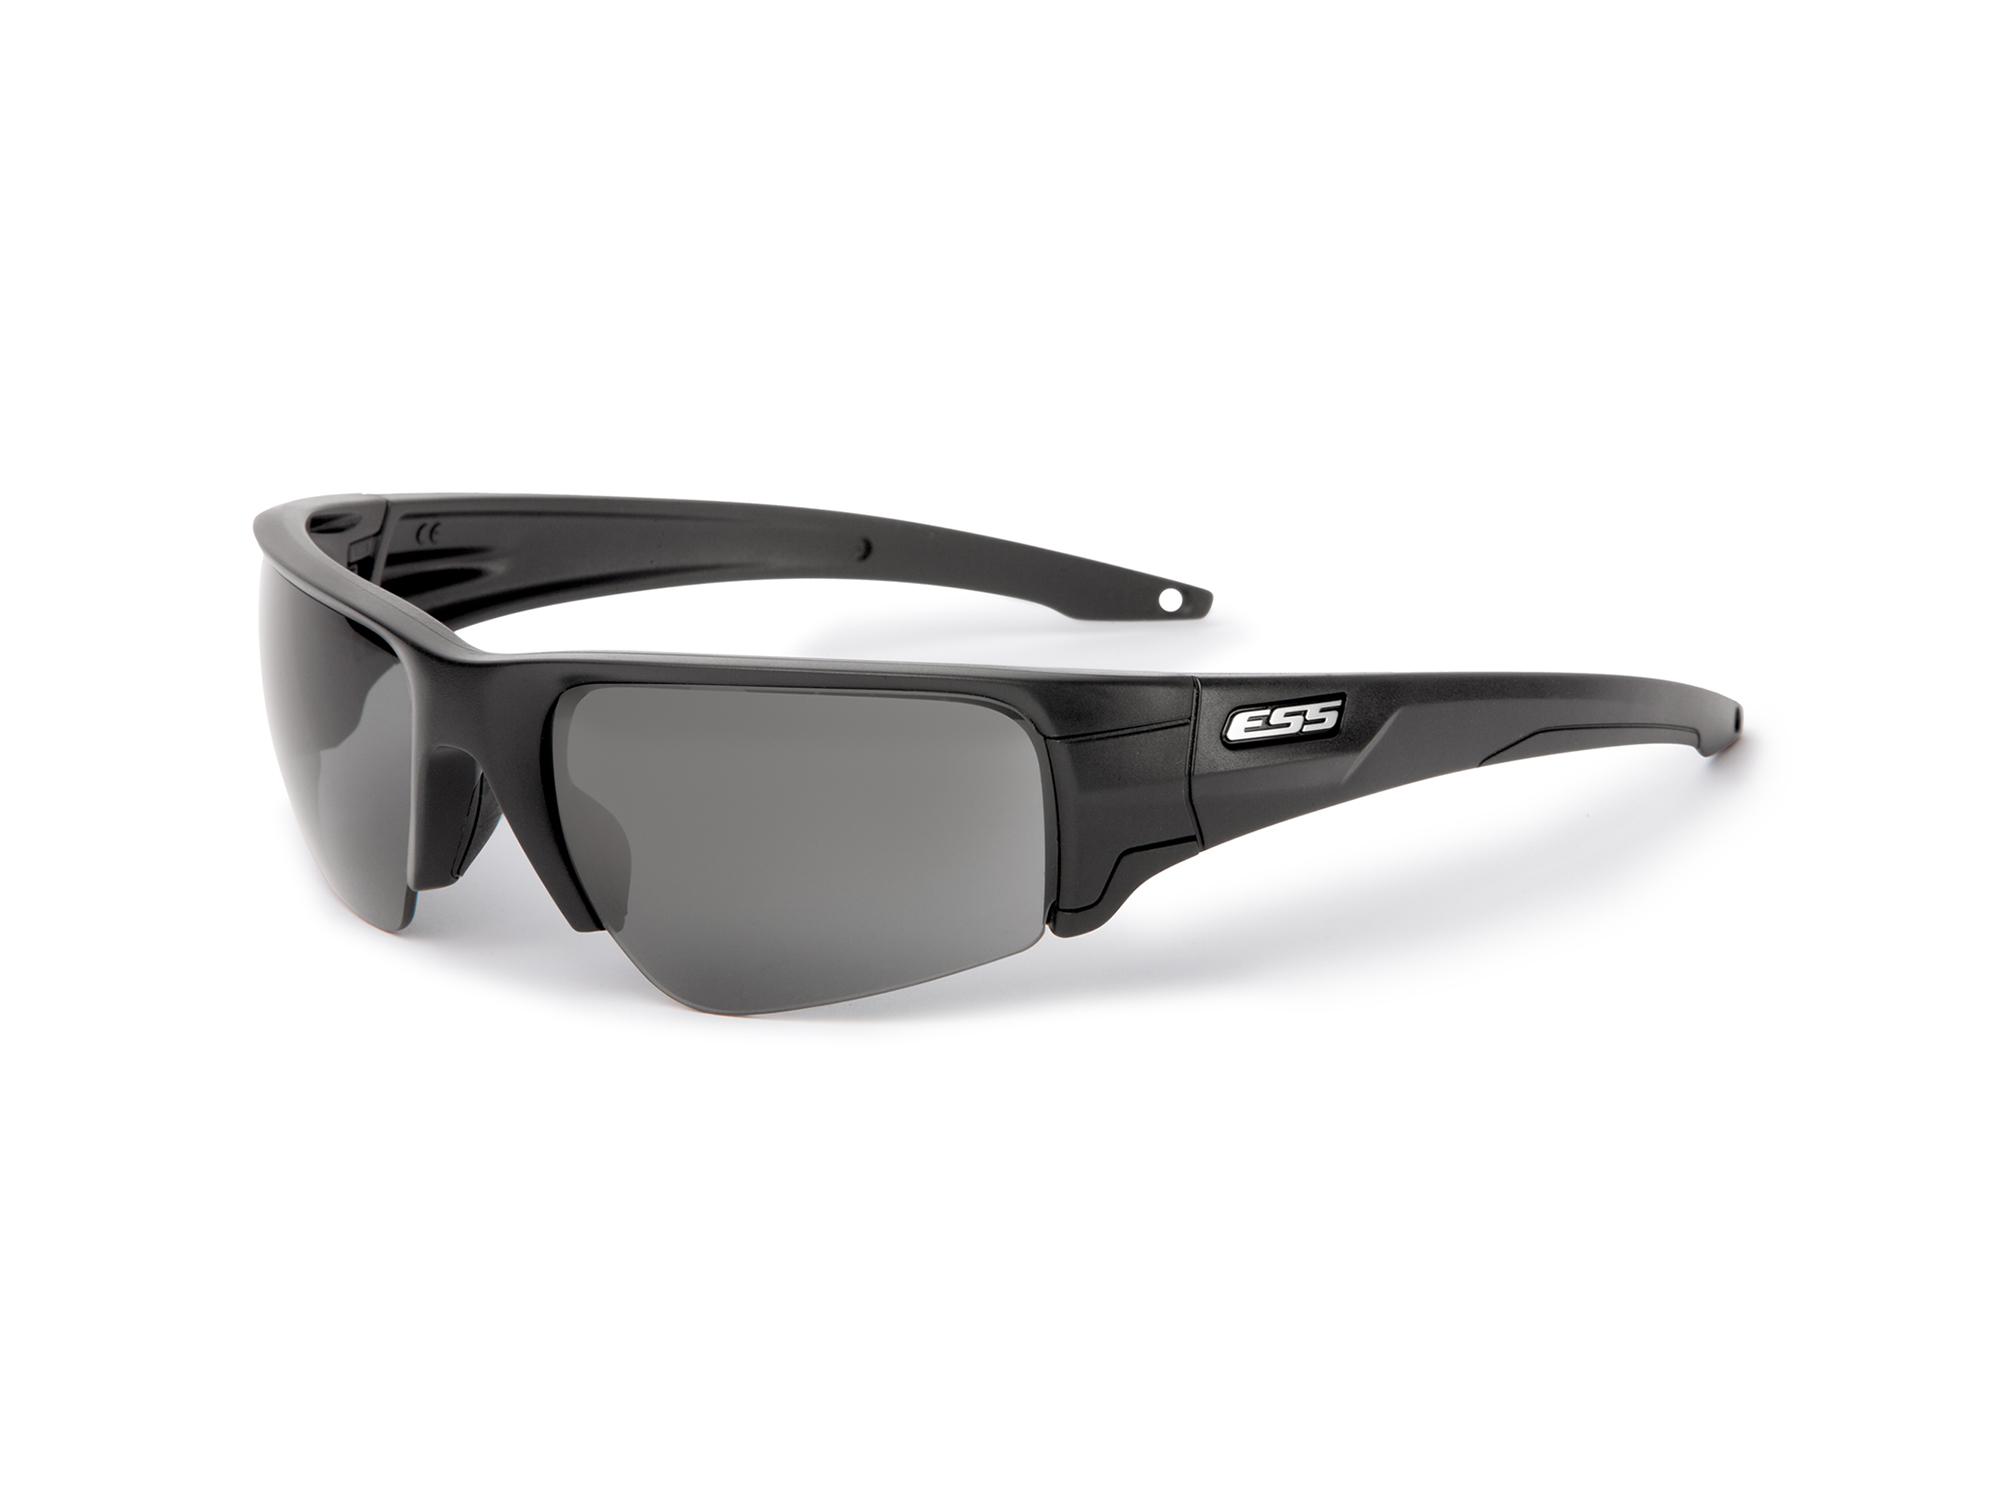 EE9019-02フレーム:ブラック、レンズ:スモークグレイ/クリアー、 シルバーLOGO